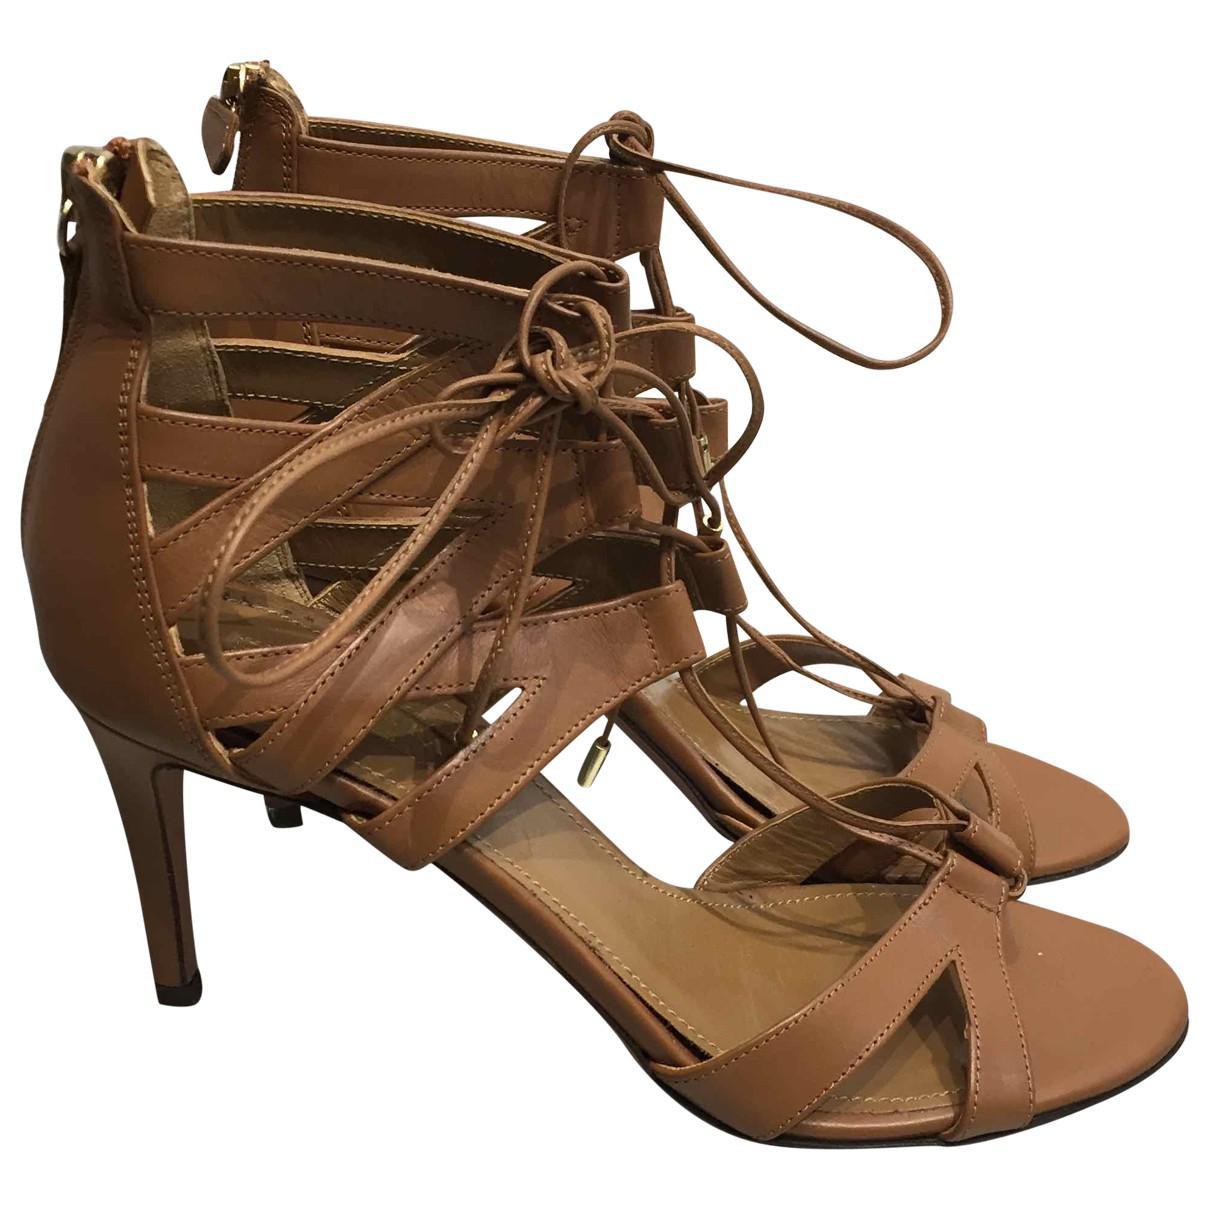 Pre-owned - Leather sandals Aquazzura lYfdYhJd7